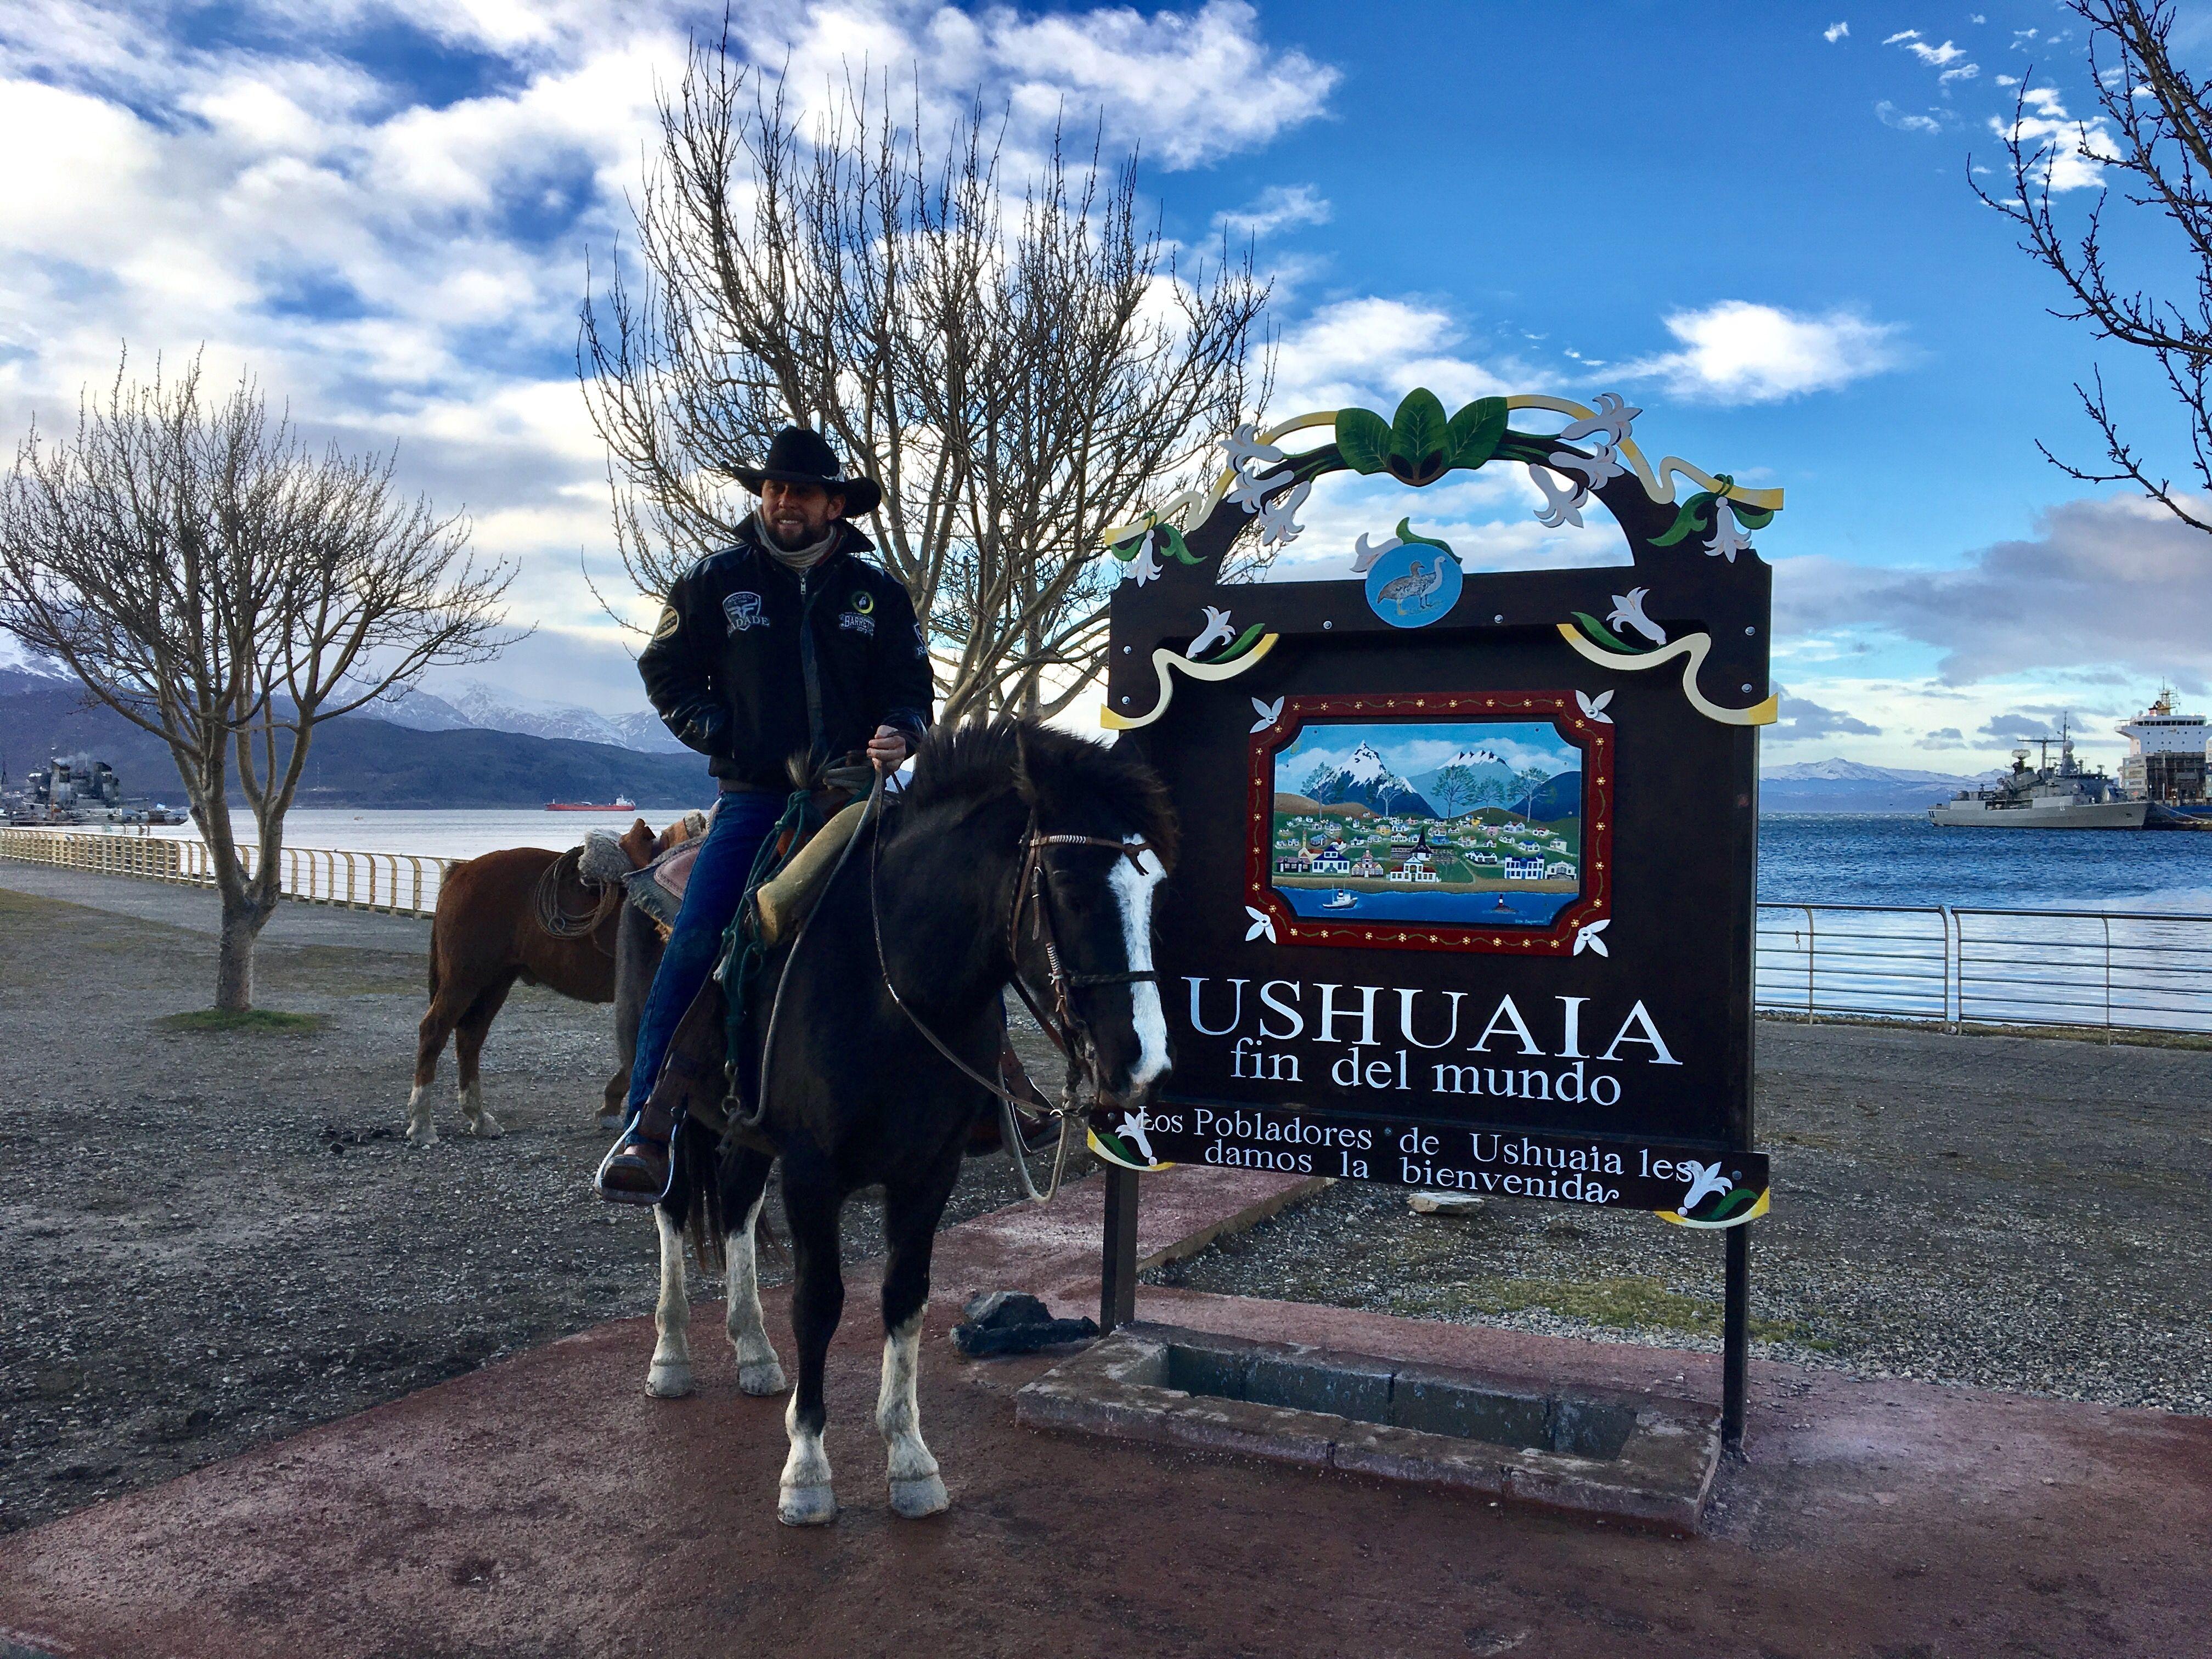 """A segunda viagem de Filipe teve como destino o Ushuaia, na Terra do Fogo, conhecido como o """"fim do mundo"""""""